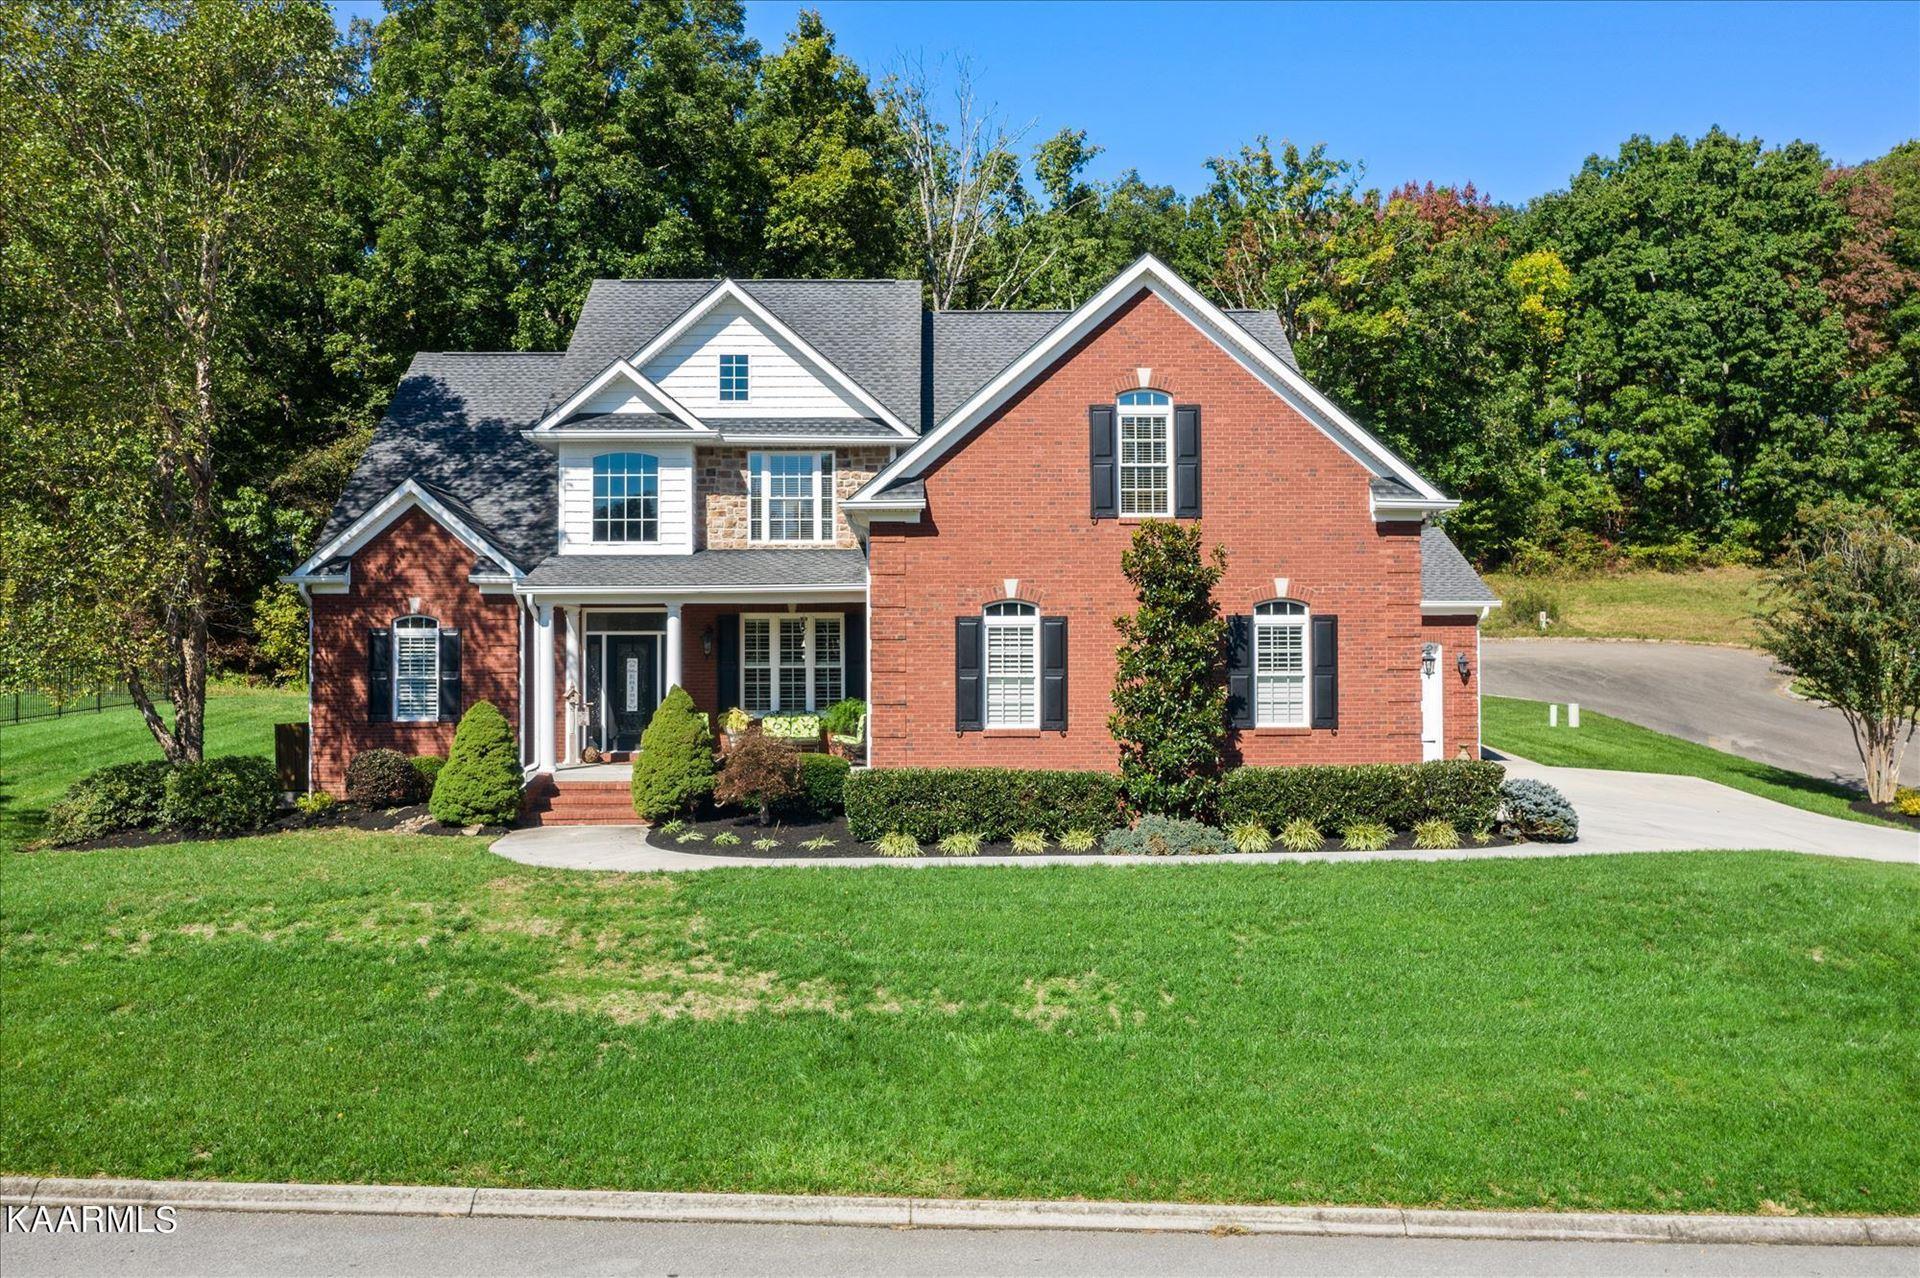 Photo of 8601 Wonder View Lane, Knoxville, TN 37938 (MLS # 1171484)